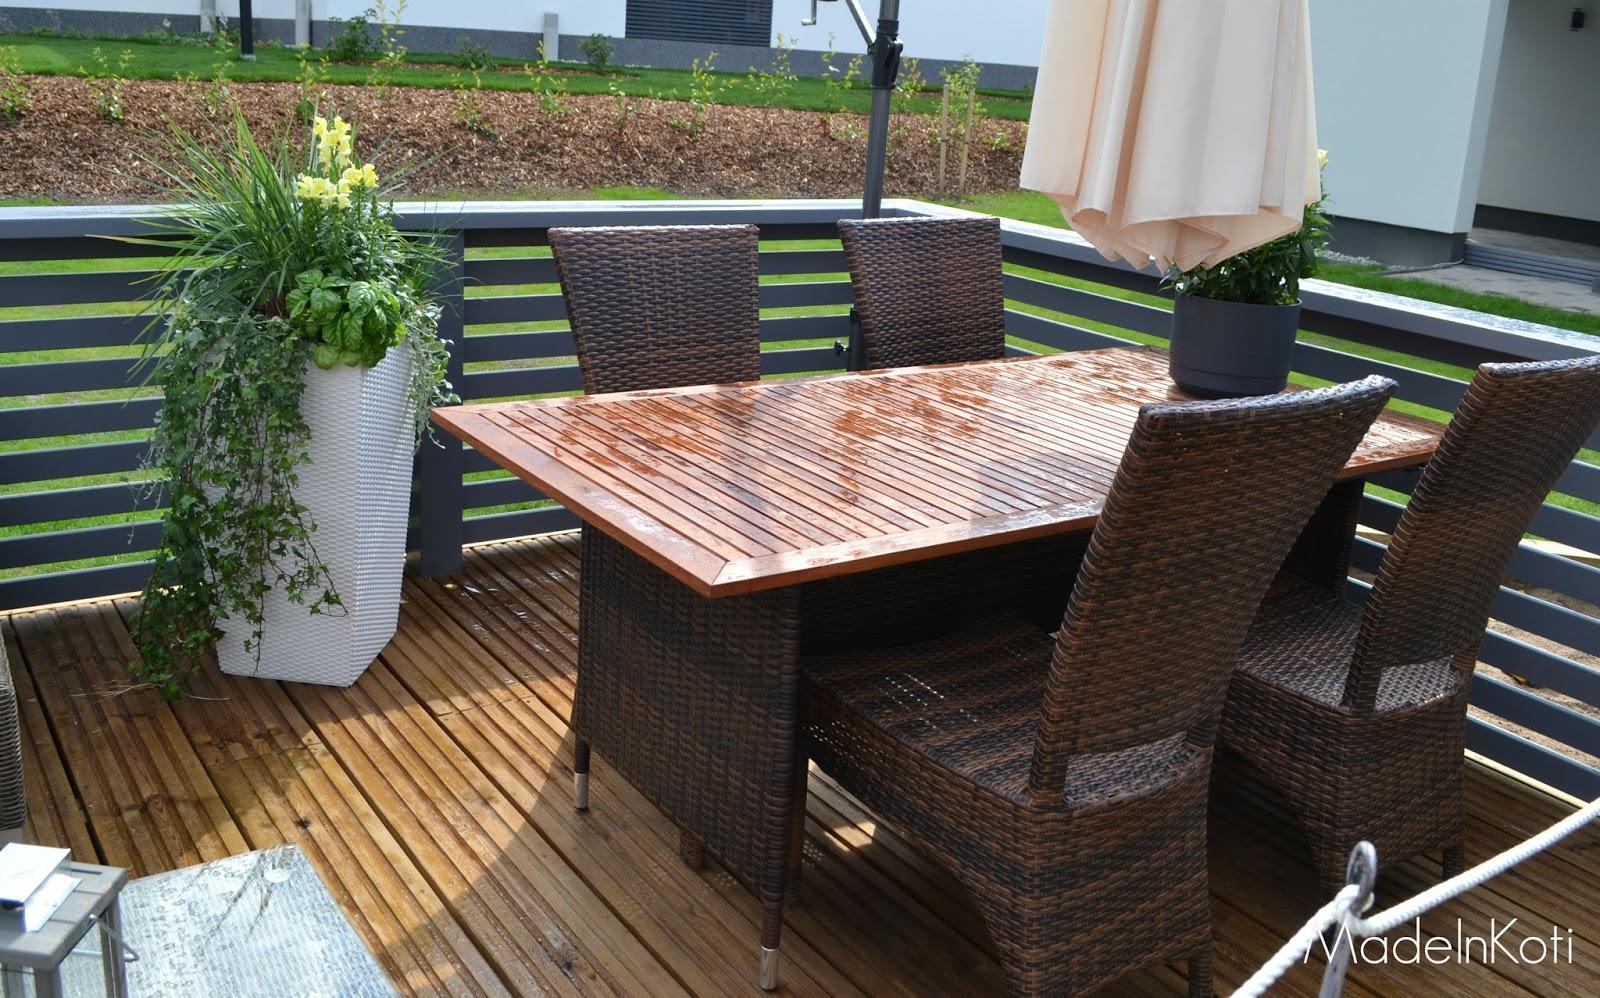 MadeInKoti Valkoinen pöytä vs musta terassipöytä